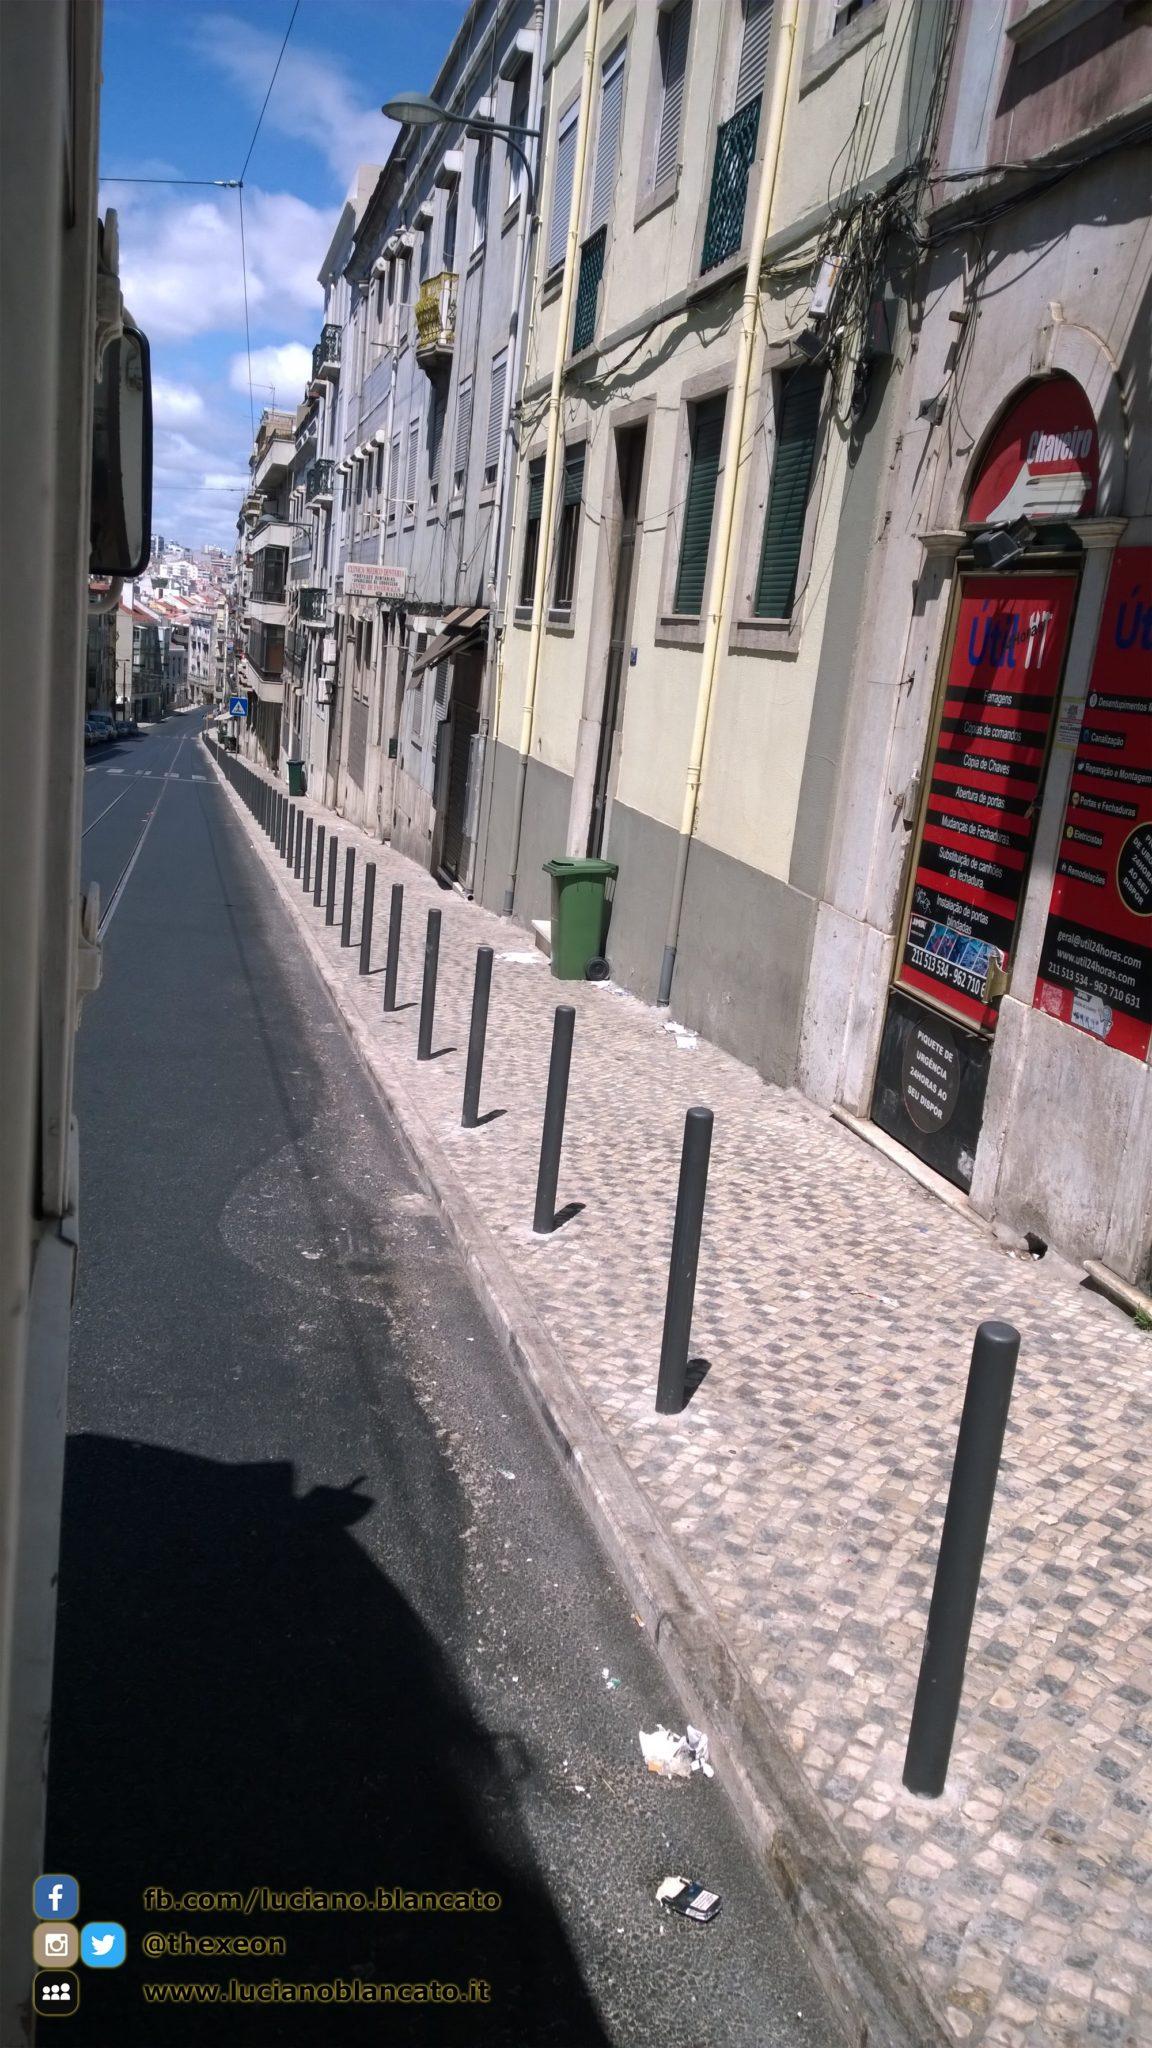 copy_Lisbona - in giro per la città dal tram